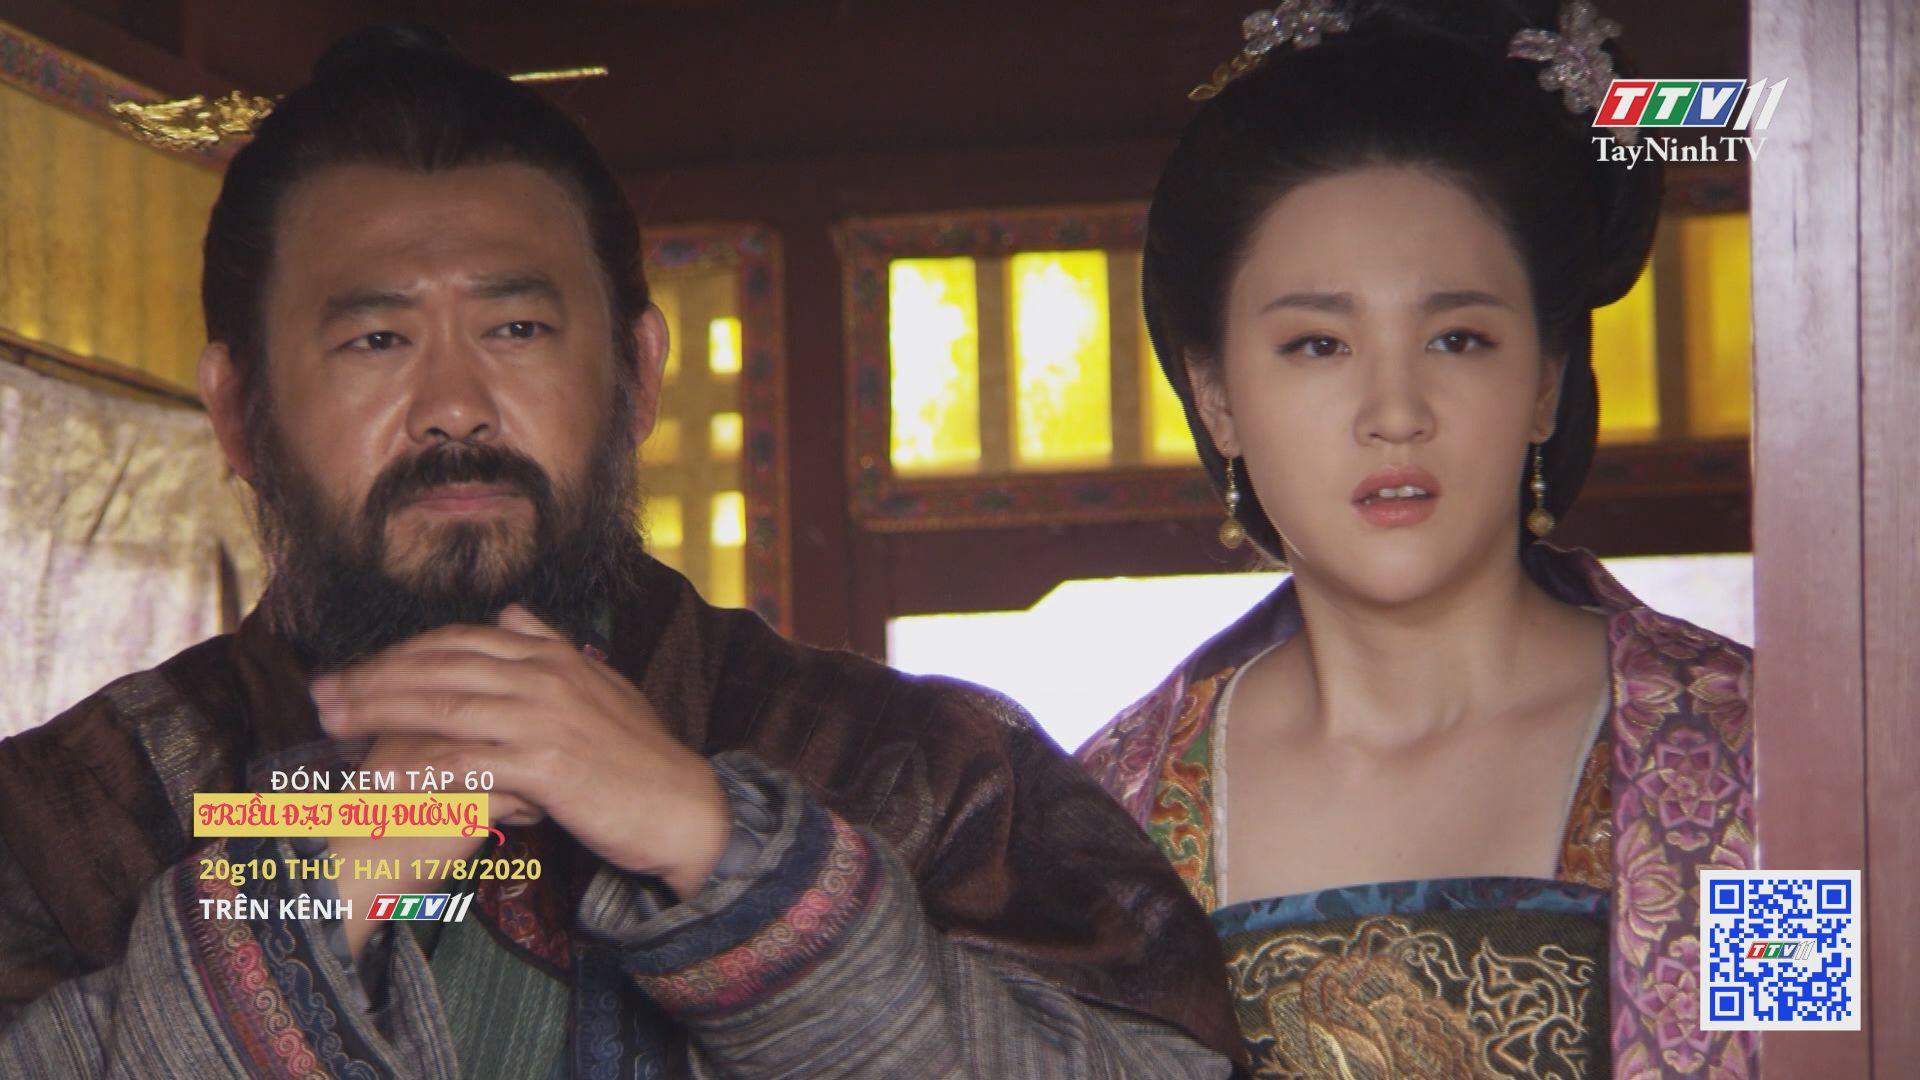 Triều đại Tùy Đường - TẬP 60 trailer   TRIỀU ĐẠI TÙY ĐƯỜNG   TayNinhTV